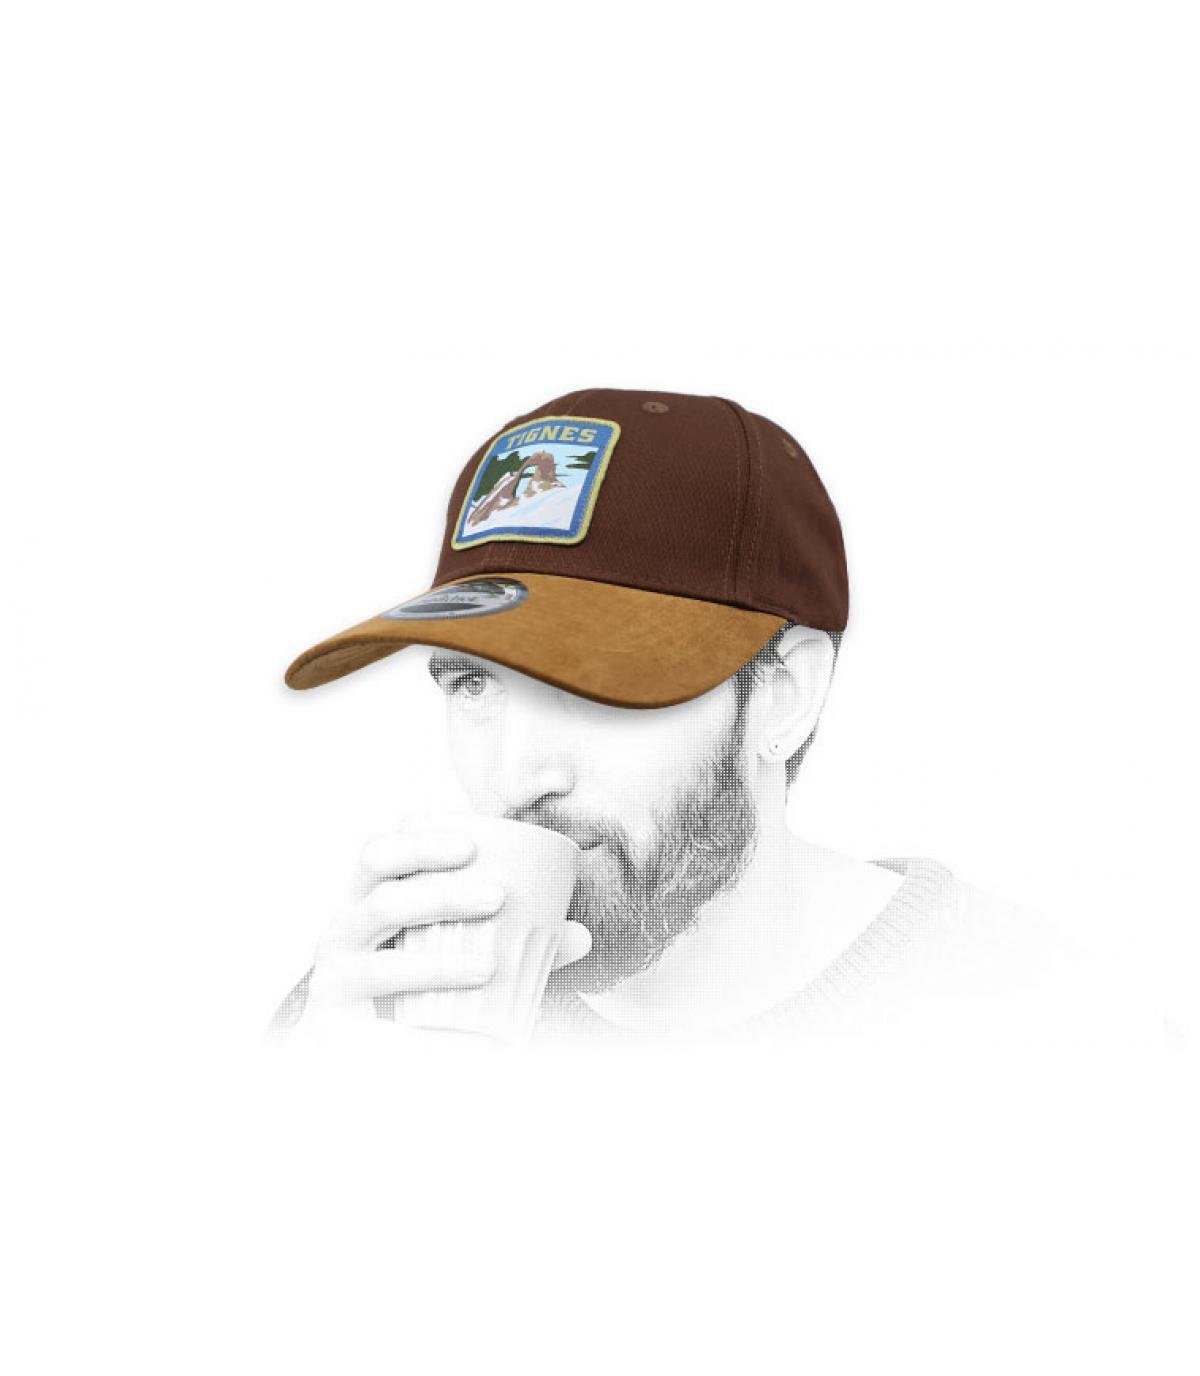 Tignes berretto marrone